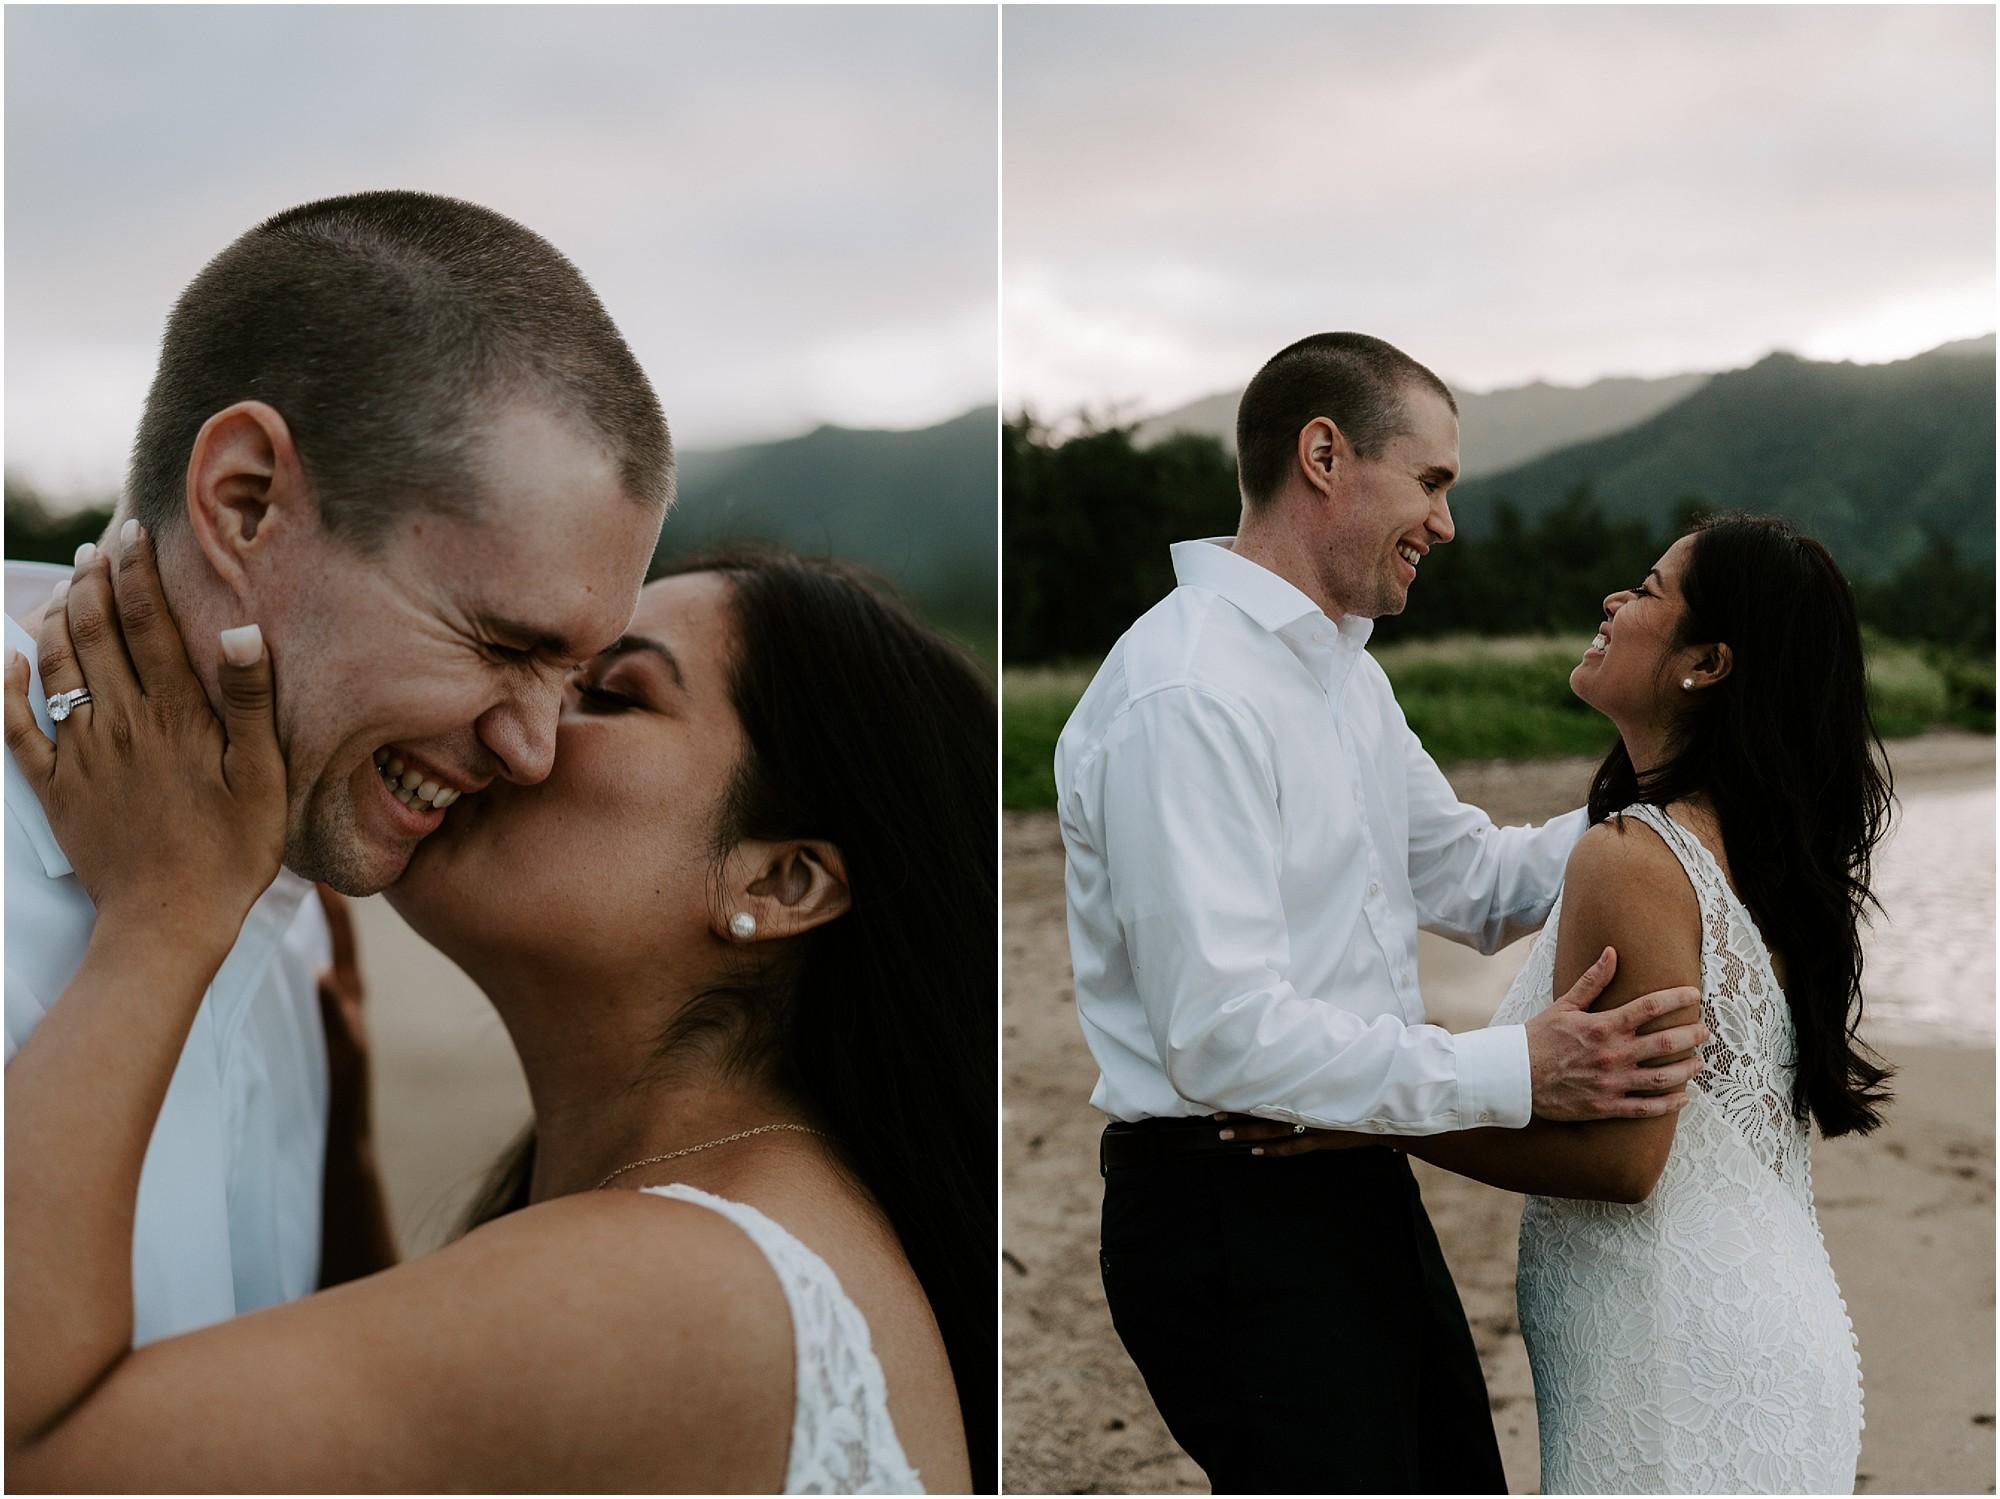 oahu-intimate-bridal-adventure-session_0026.jpg